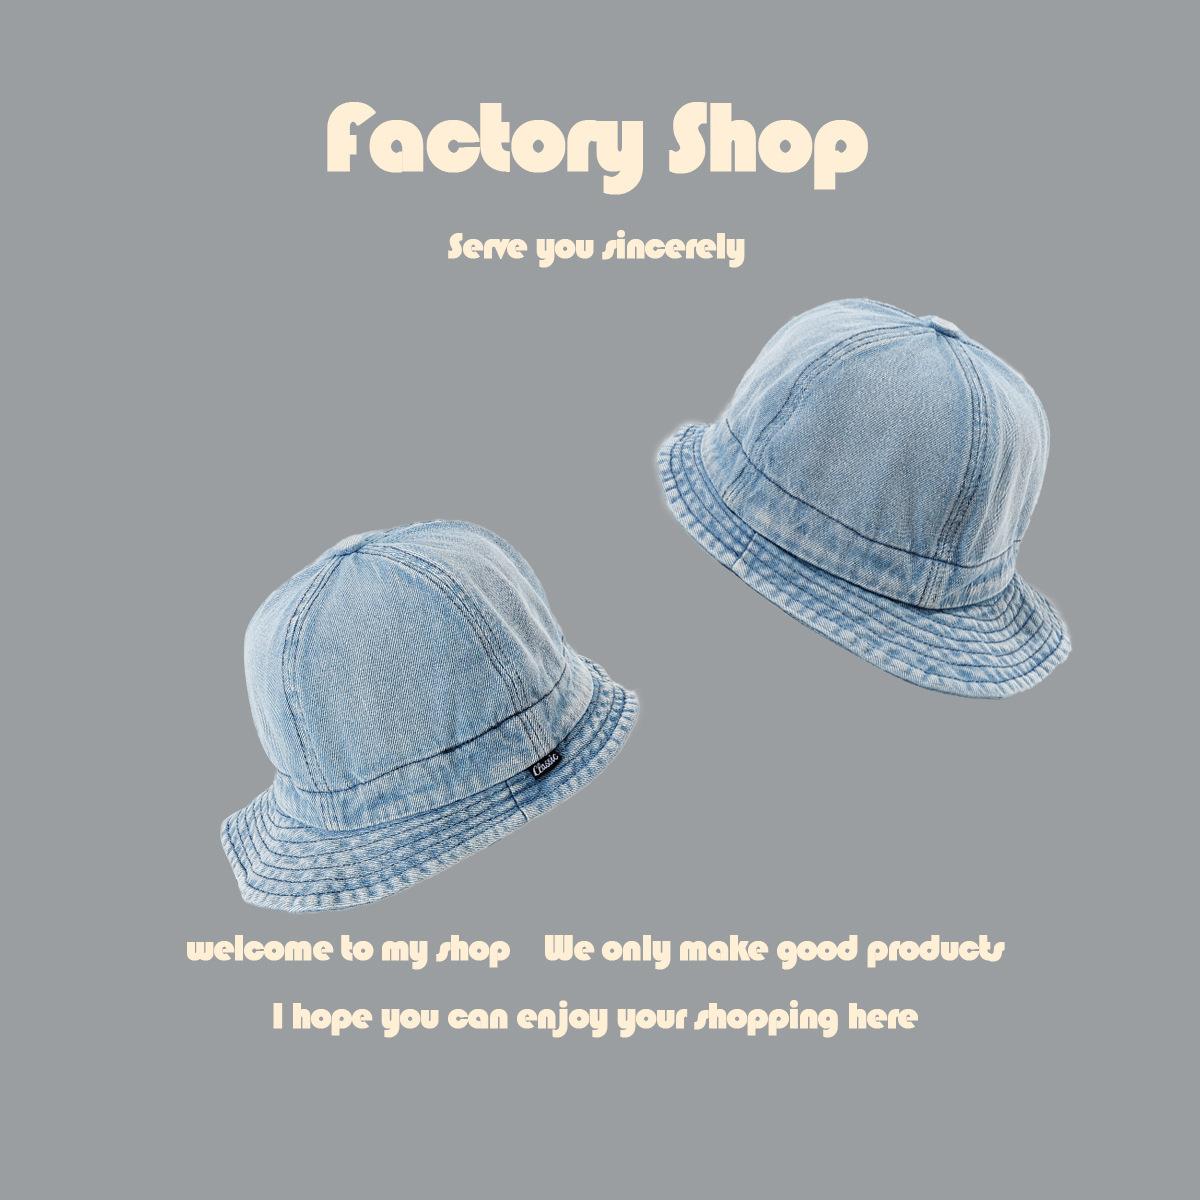 水洗牛仔蓝色渔夫帽女百搭复古日系阿美咔叽帽子男潮夏新品遮阳帽